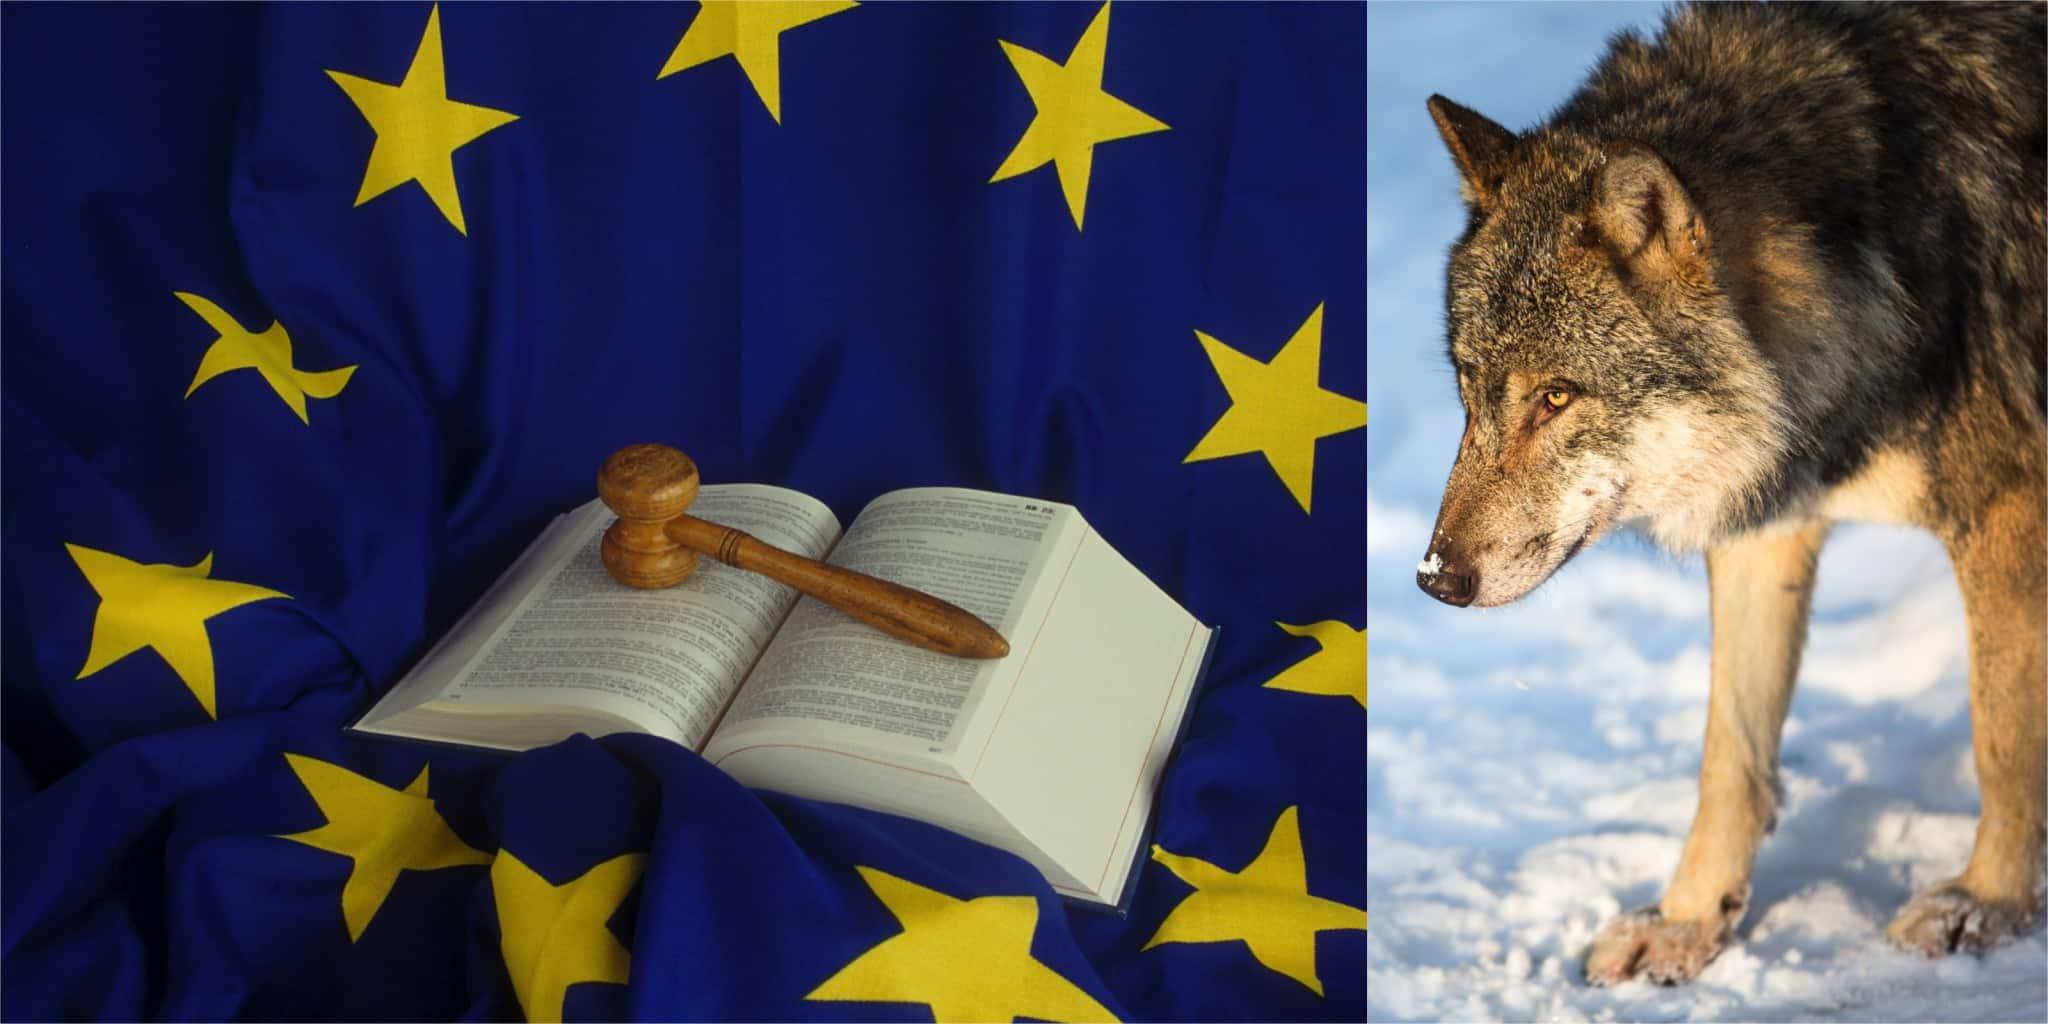 EU-domstolen ska svara allmänt på den finska domstolens förfrågan, men först ska en generaladvokaten lämna förslag till avgörande. Foto: Mostphotos